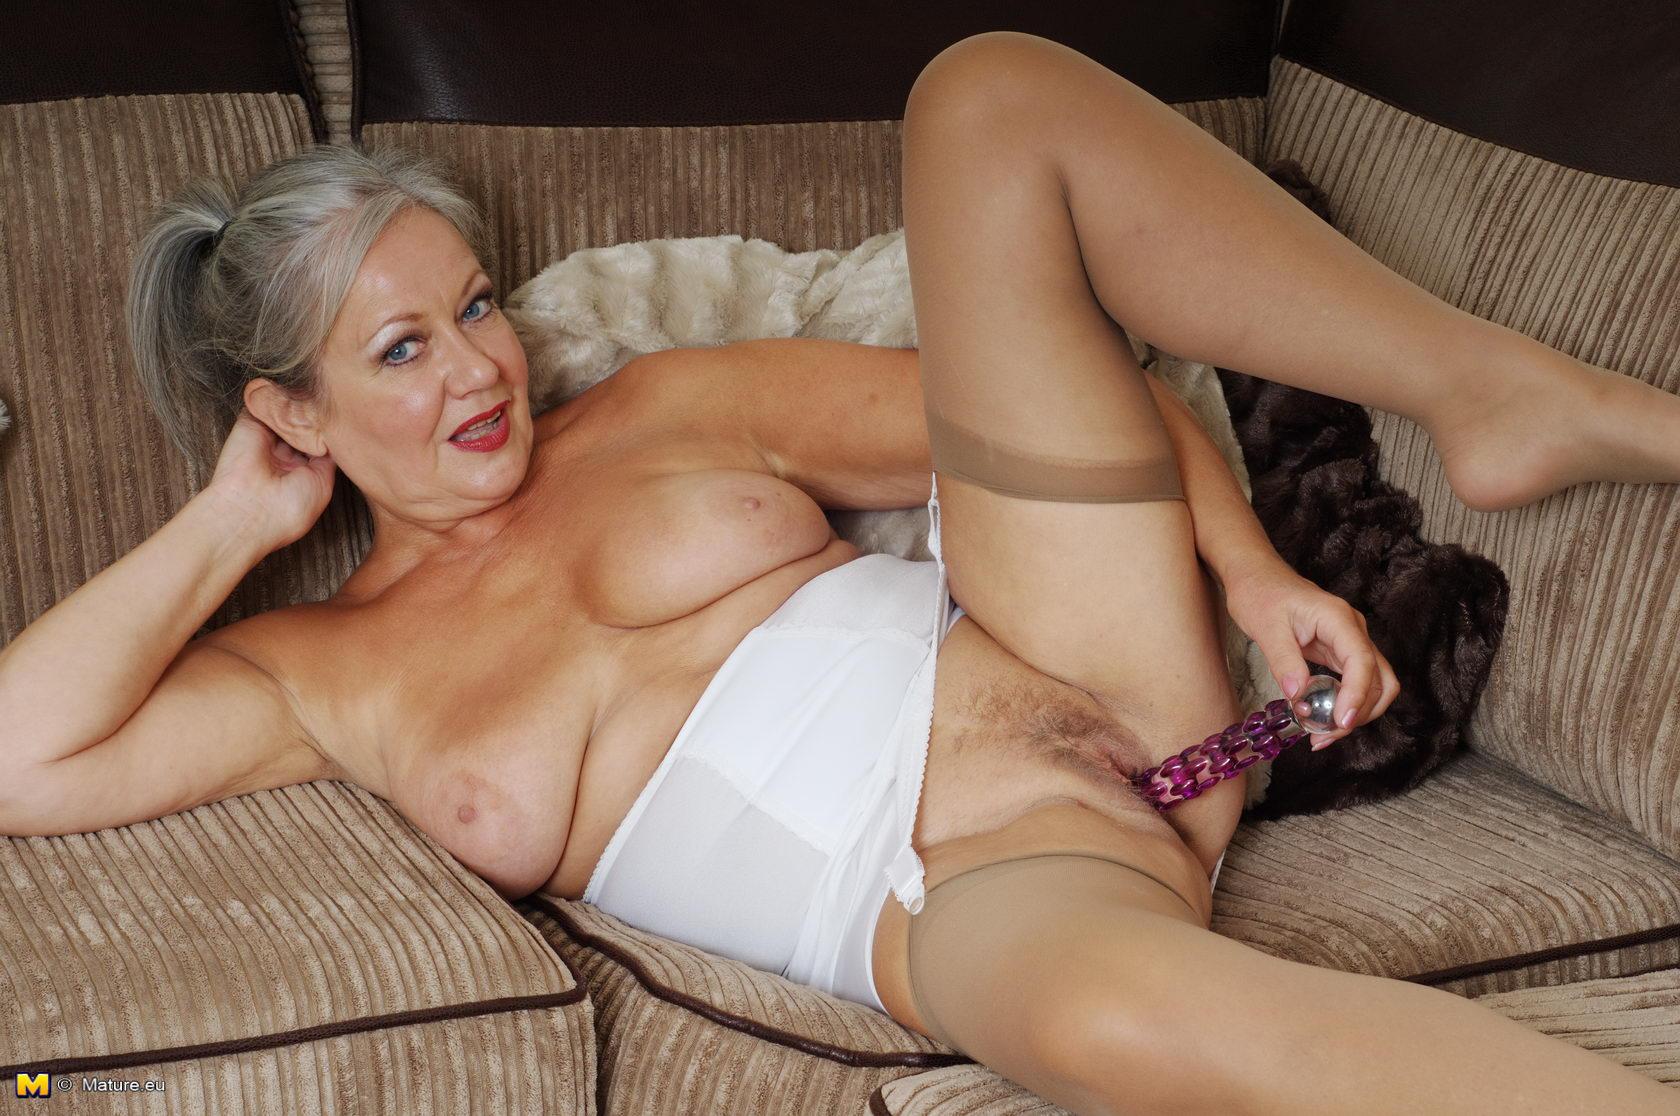 Порно зрелые женщины в возрасте чем дело просто